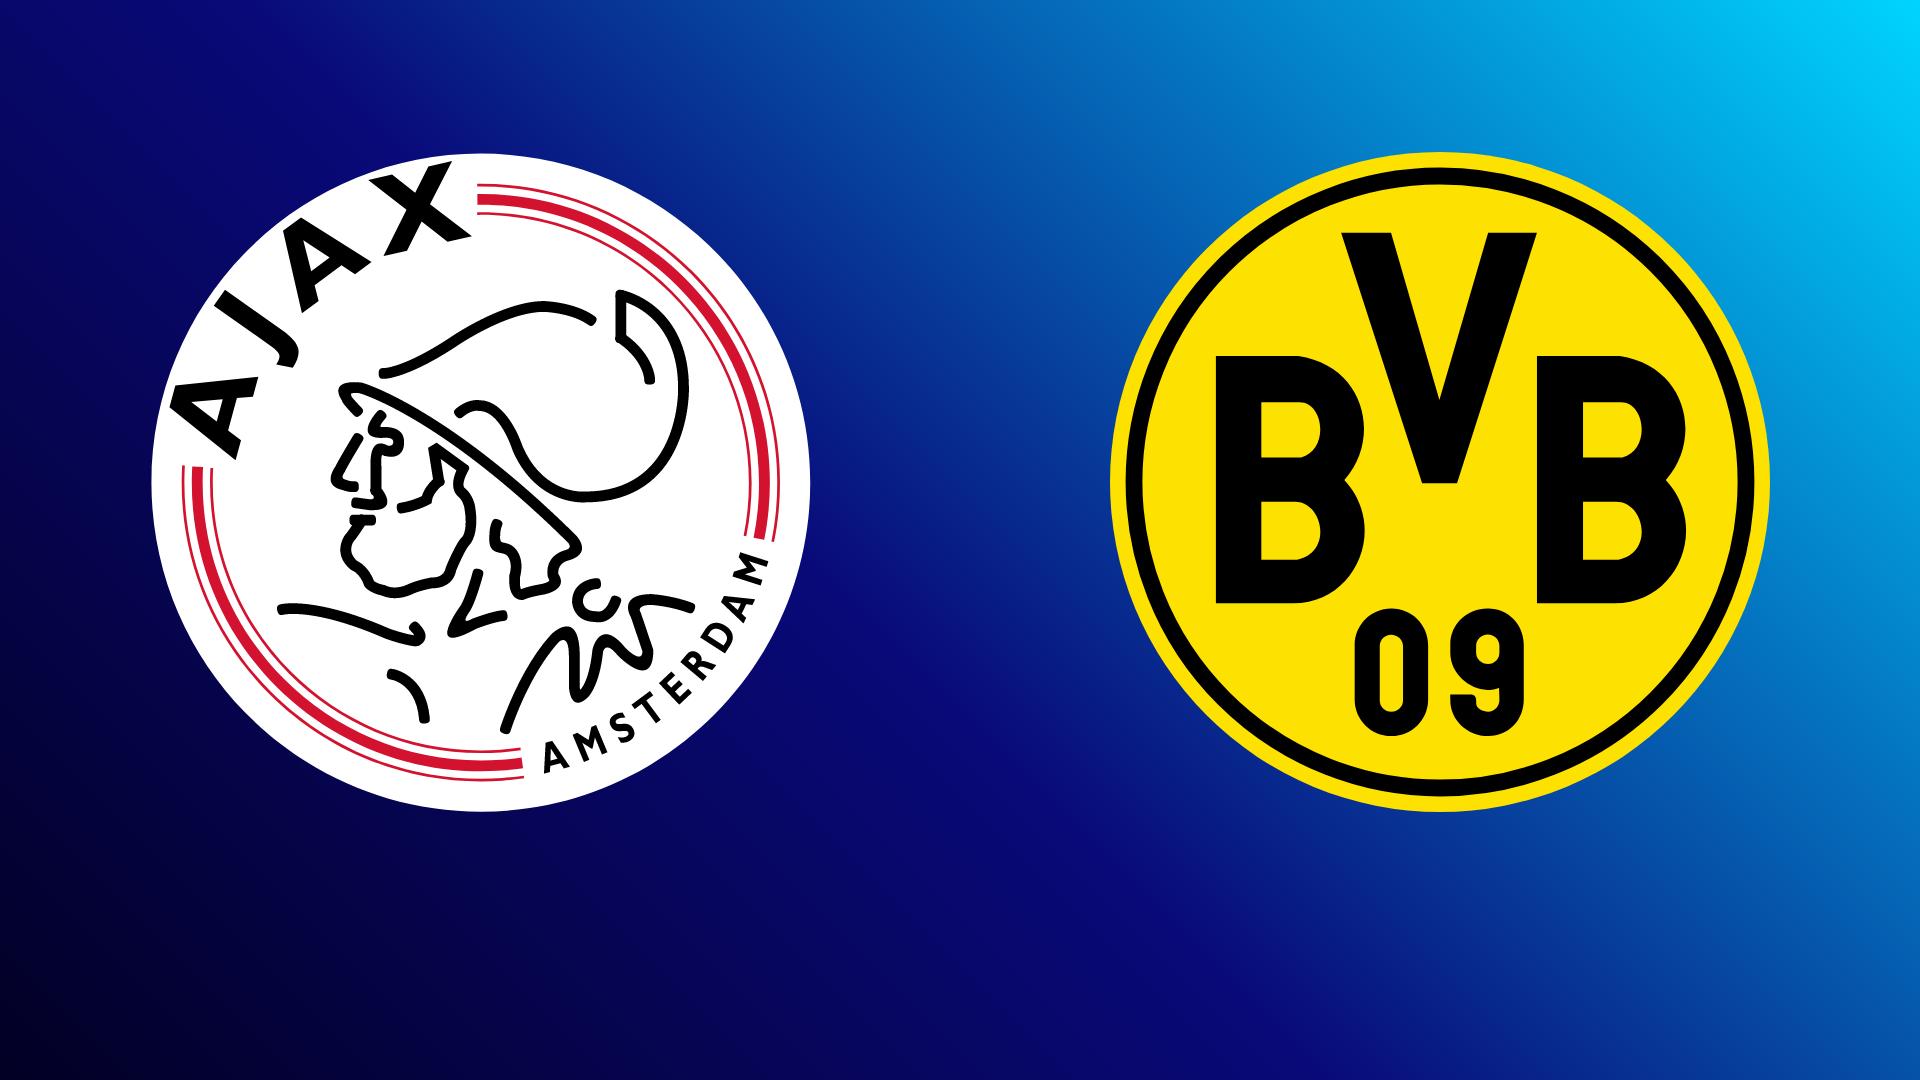 Ajax Amsterdam - Borussia Dortmund 19.10.2021 um 19:30 Uhr auf Amazon Prime Video